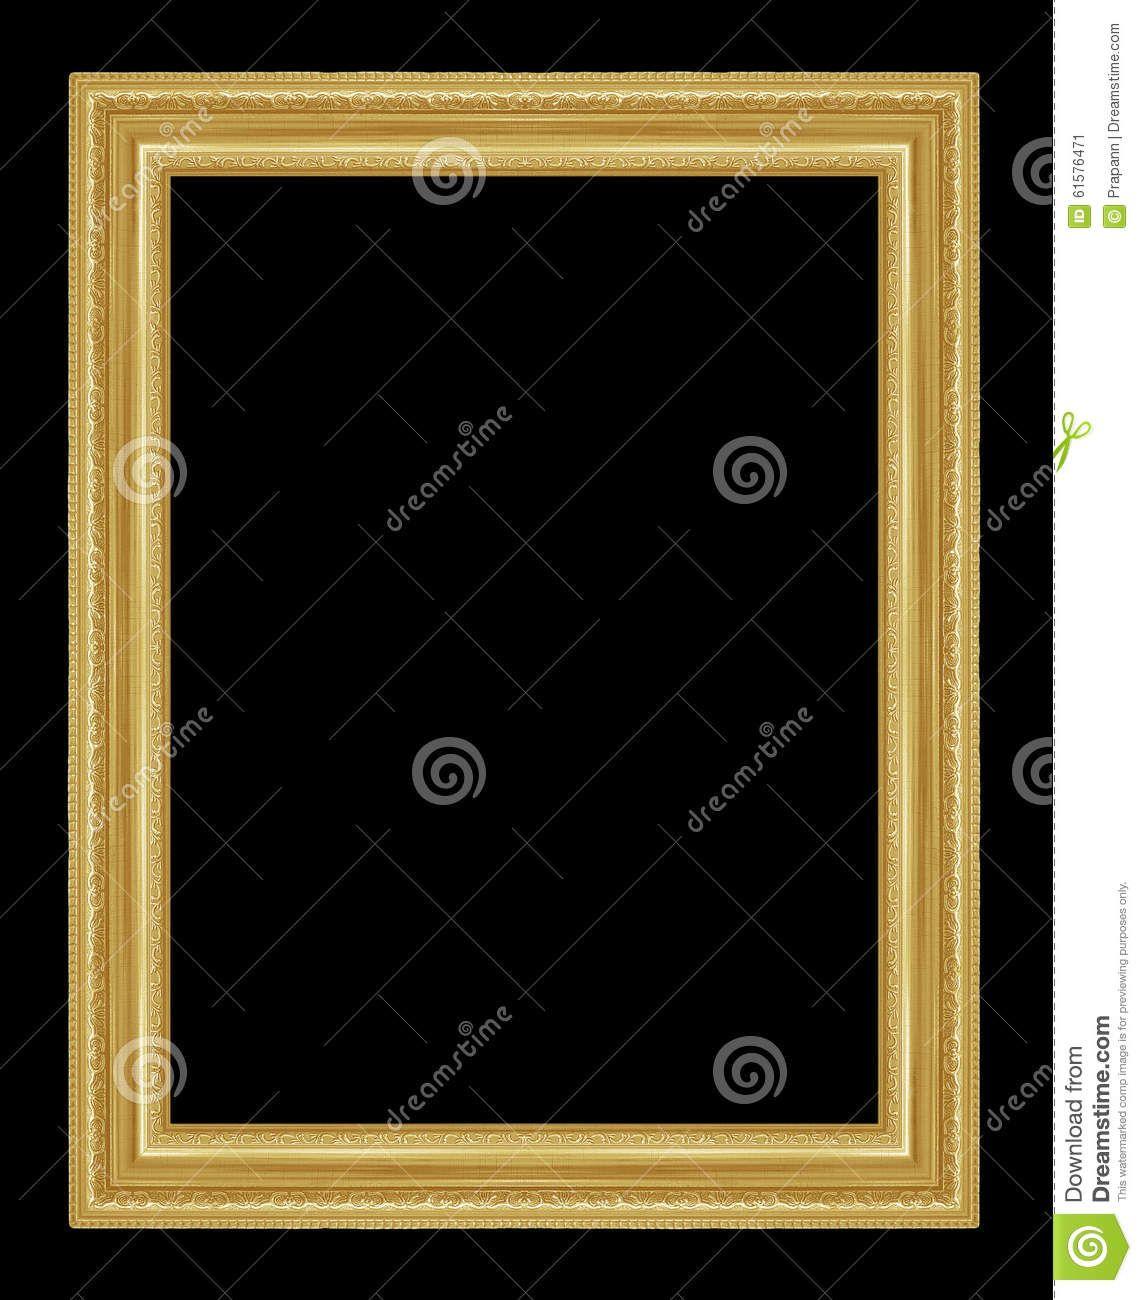 El marco antiguo del oro en el fondo negro | CUADROS - MARCOS ...